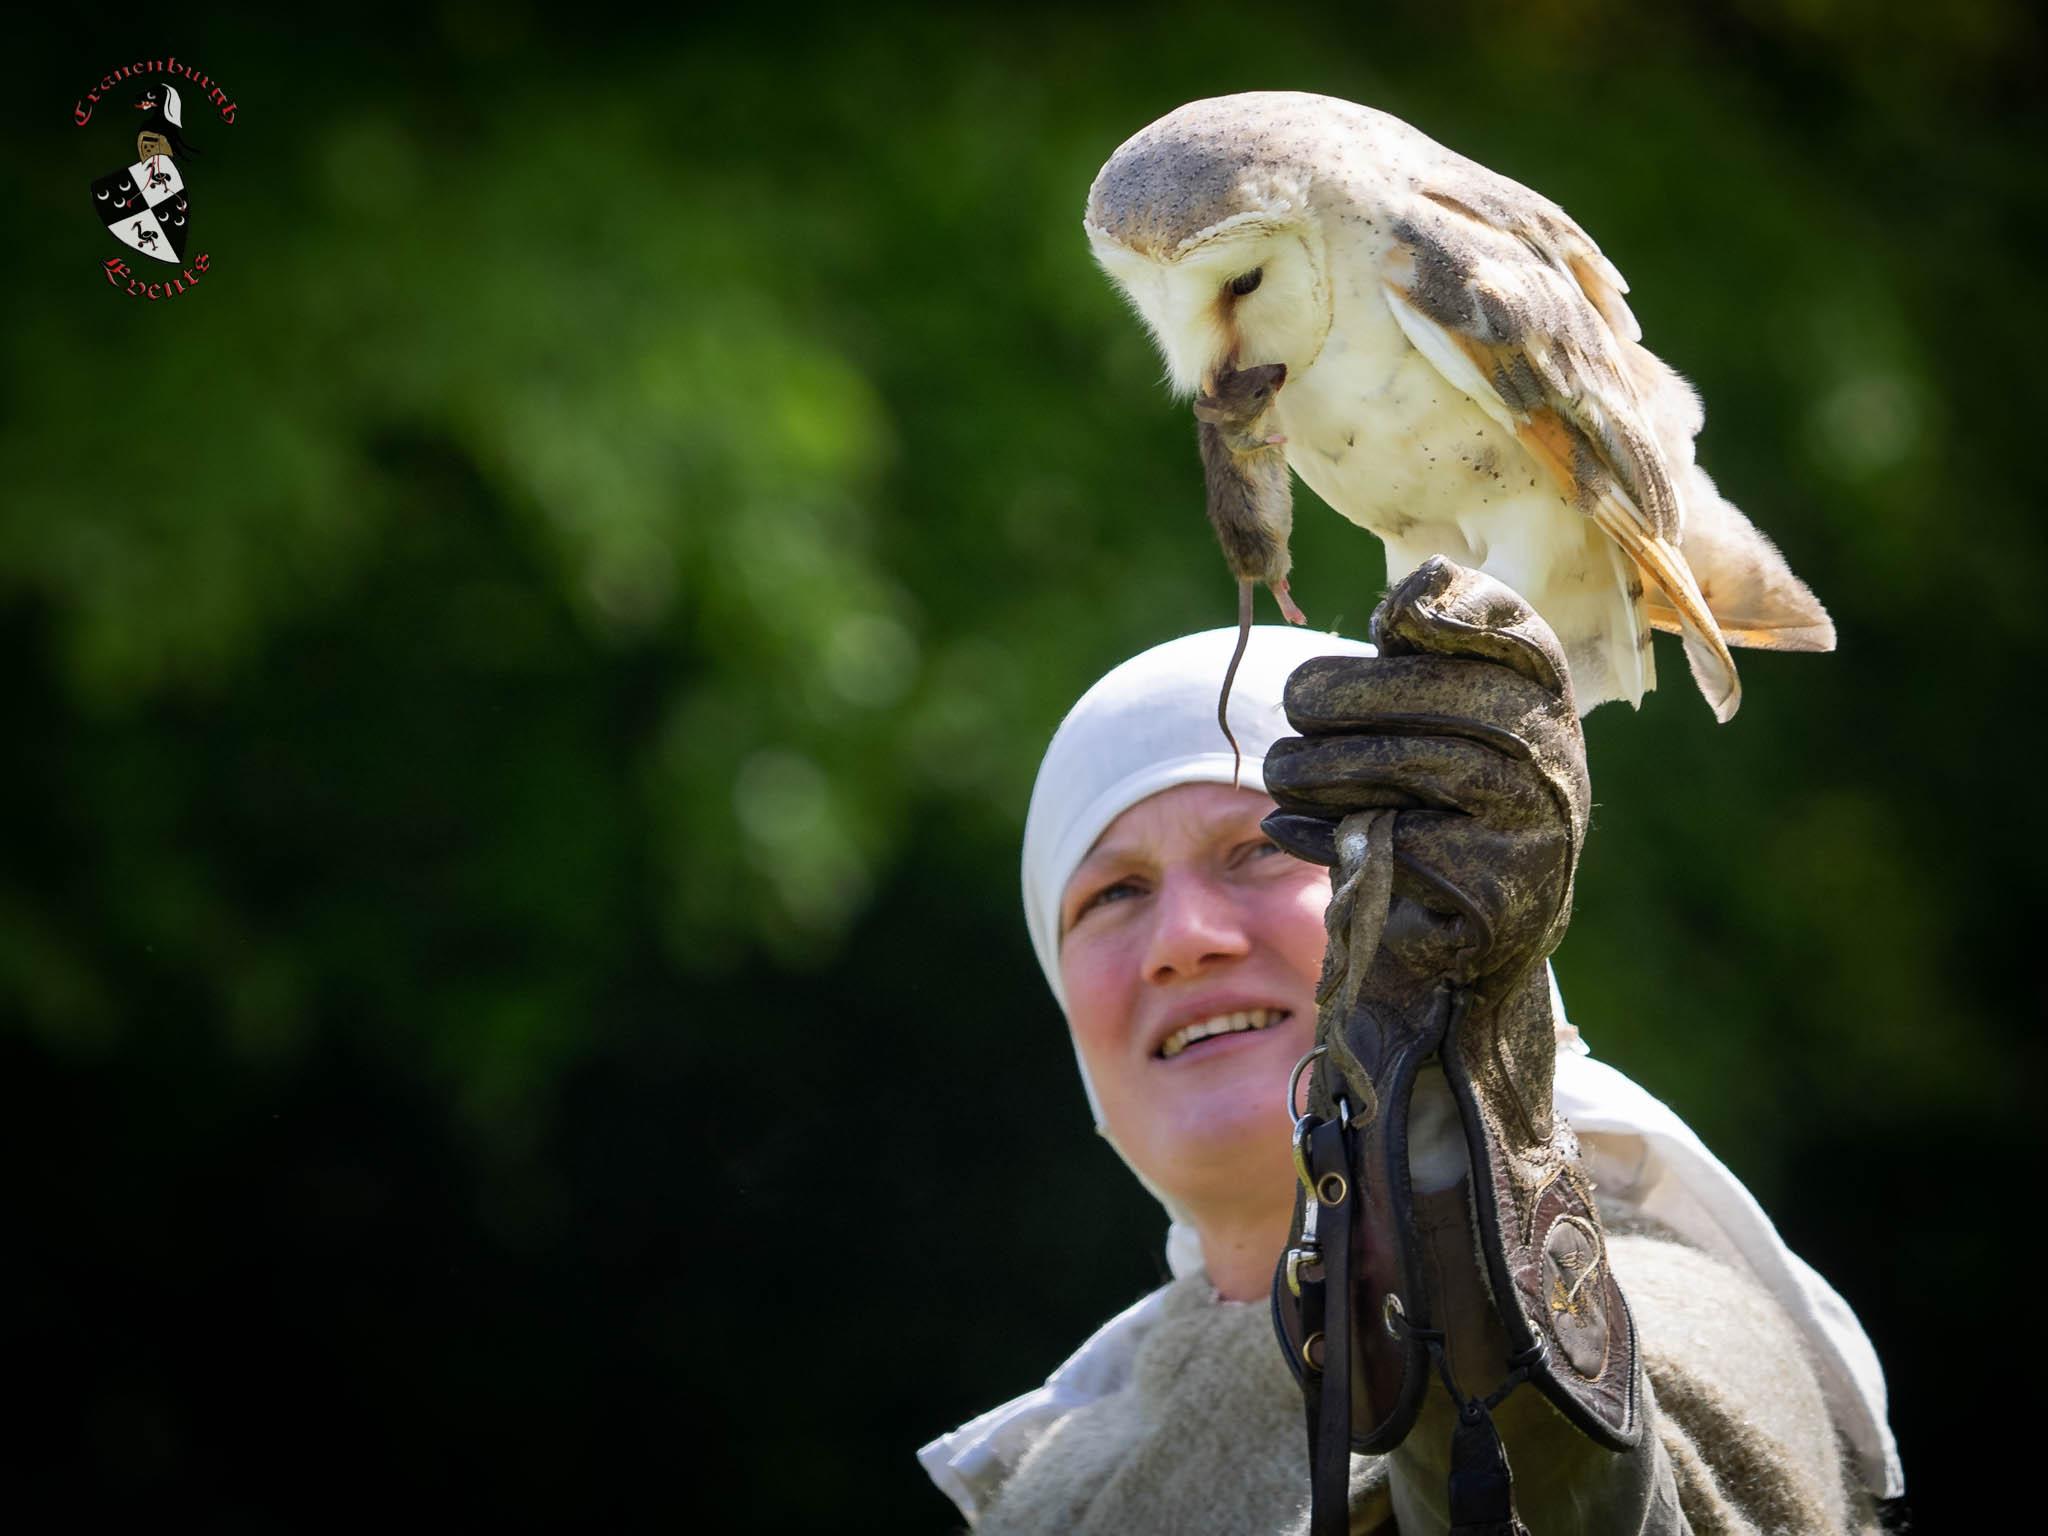 Middeleeuws-Festijn-Cannenburgh-2019-Ellen-la-Faille-40